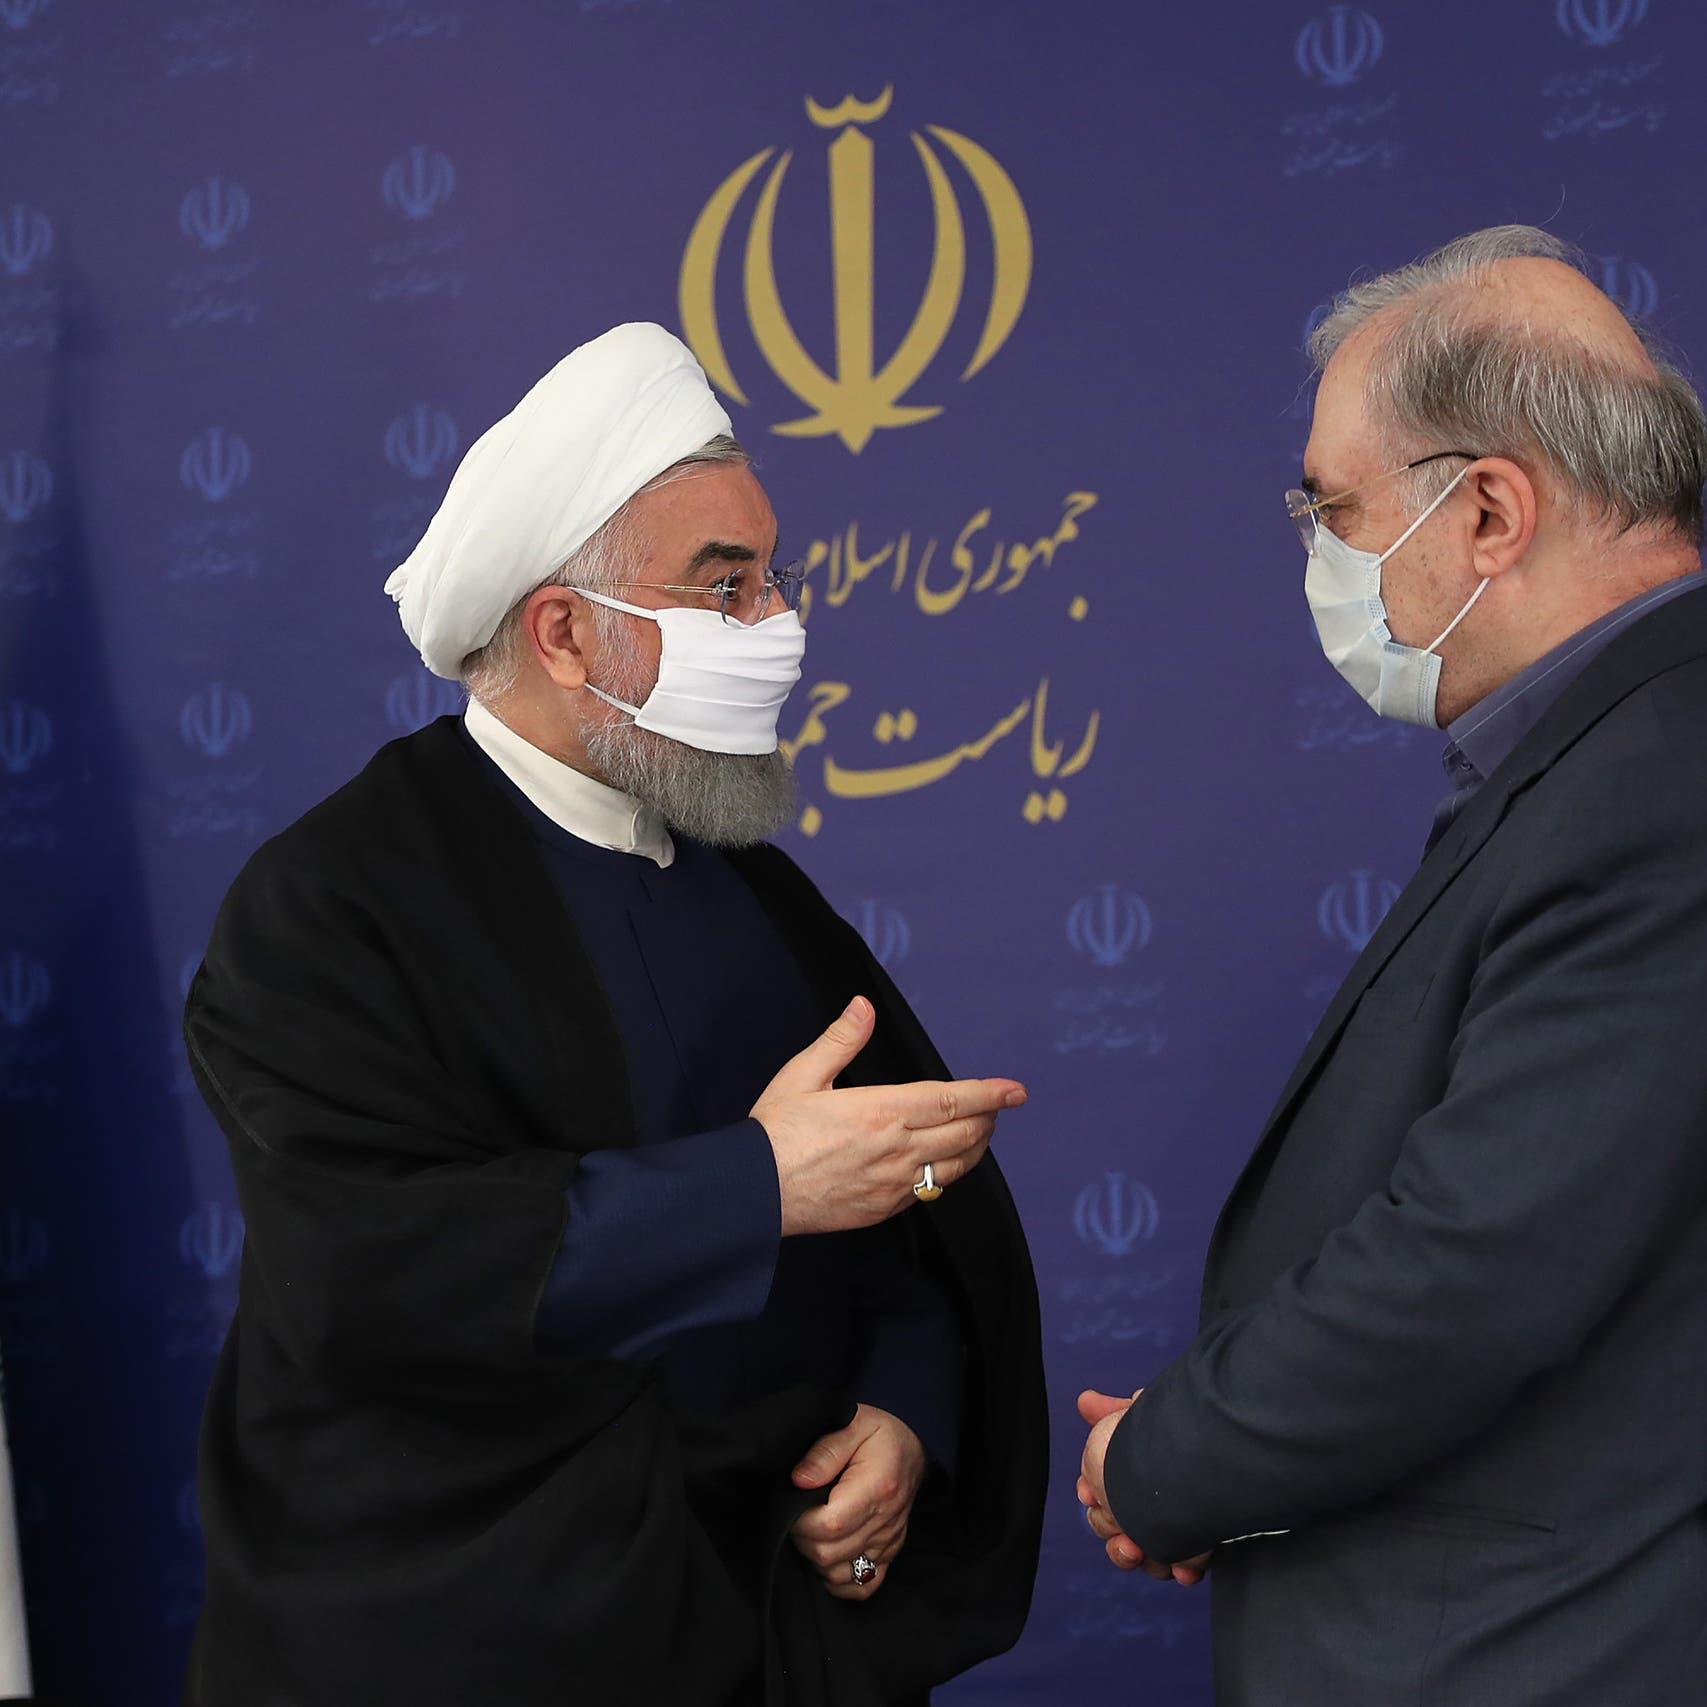 وزير الصحة الإيراني: استعدوا لمواجهة تمرد الفقراء